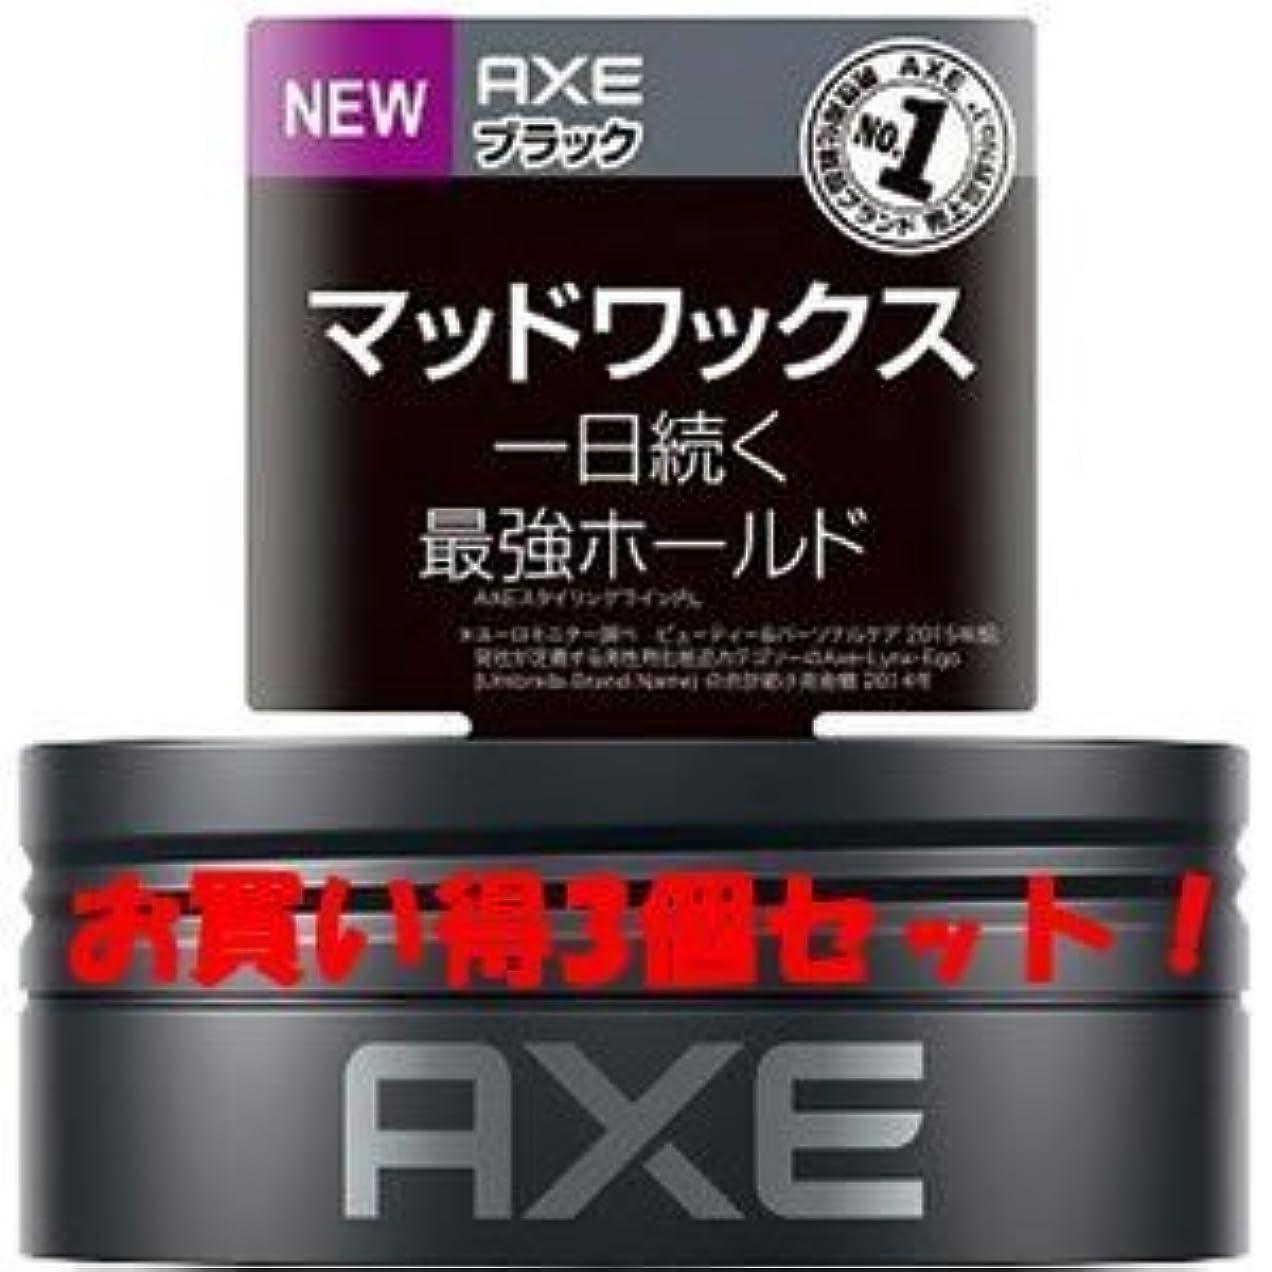 肩をすくめる推測するクロニクル(2016年春の新商品)(ユニリーバ)AXE(アックス) ブラック デフィニティブホールド マッドワックス 65g(お買い得3個セット)